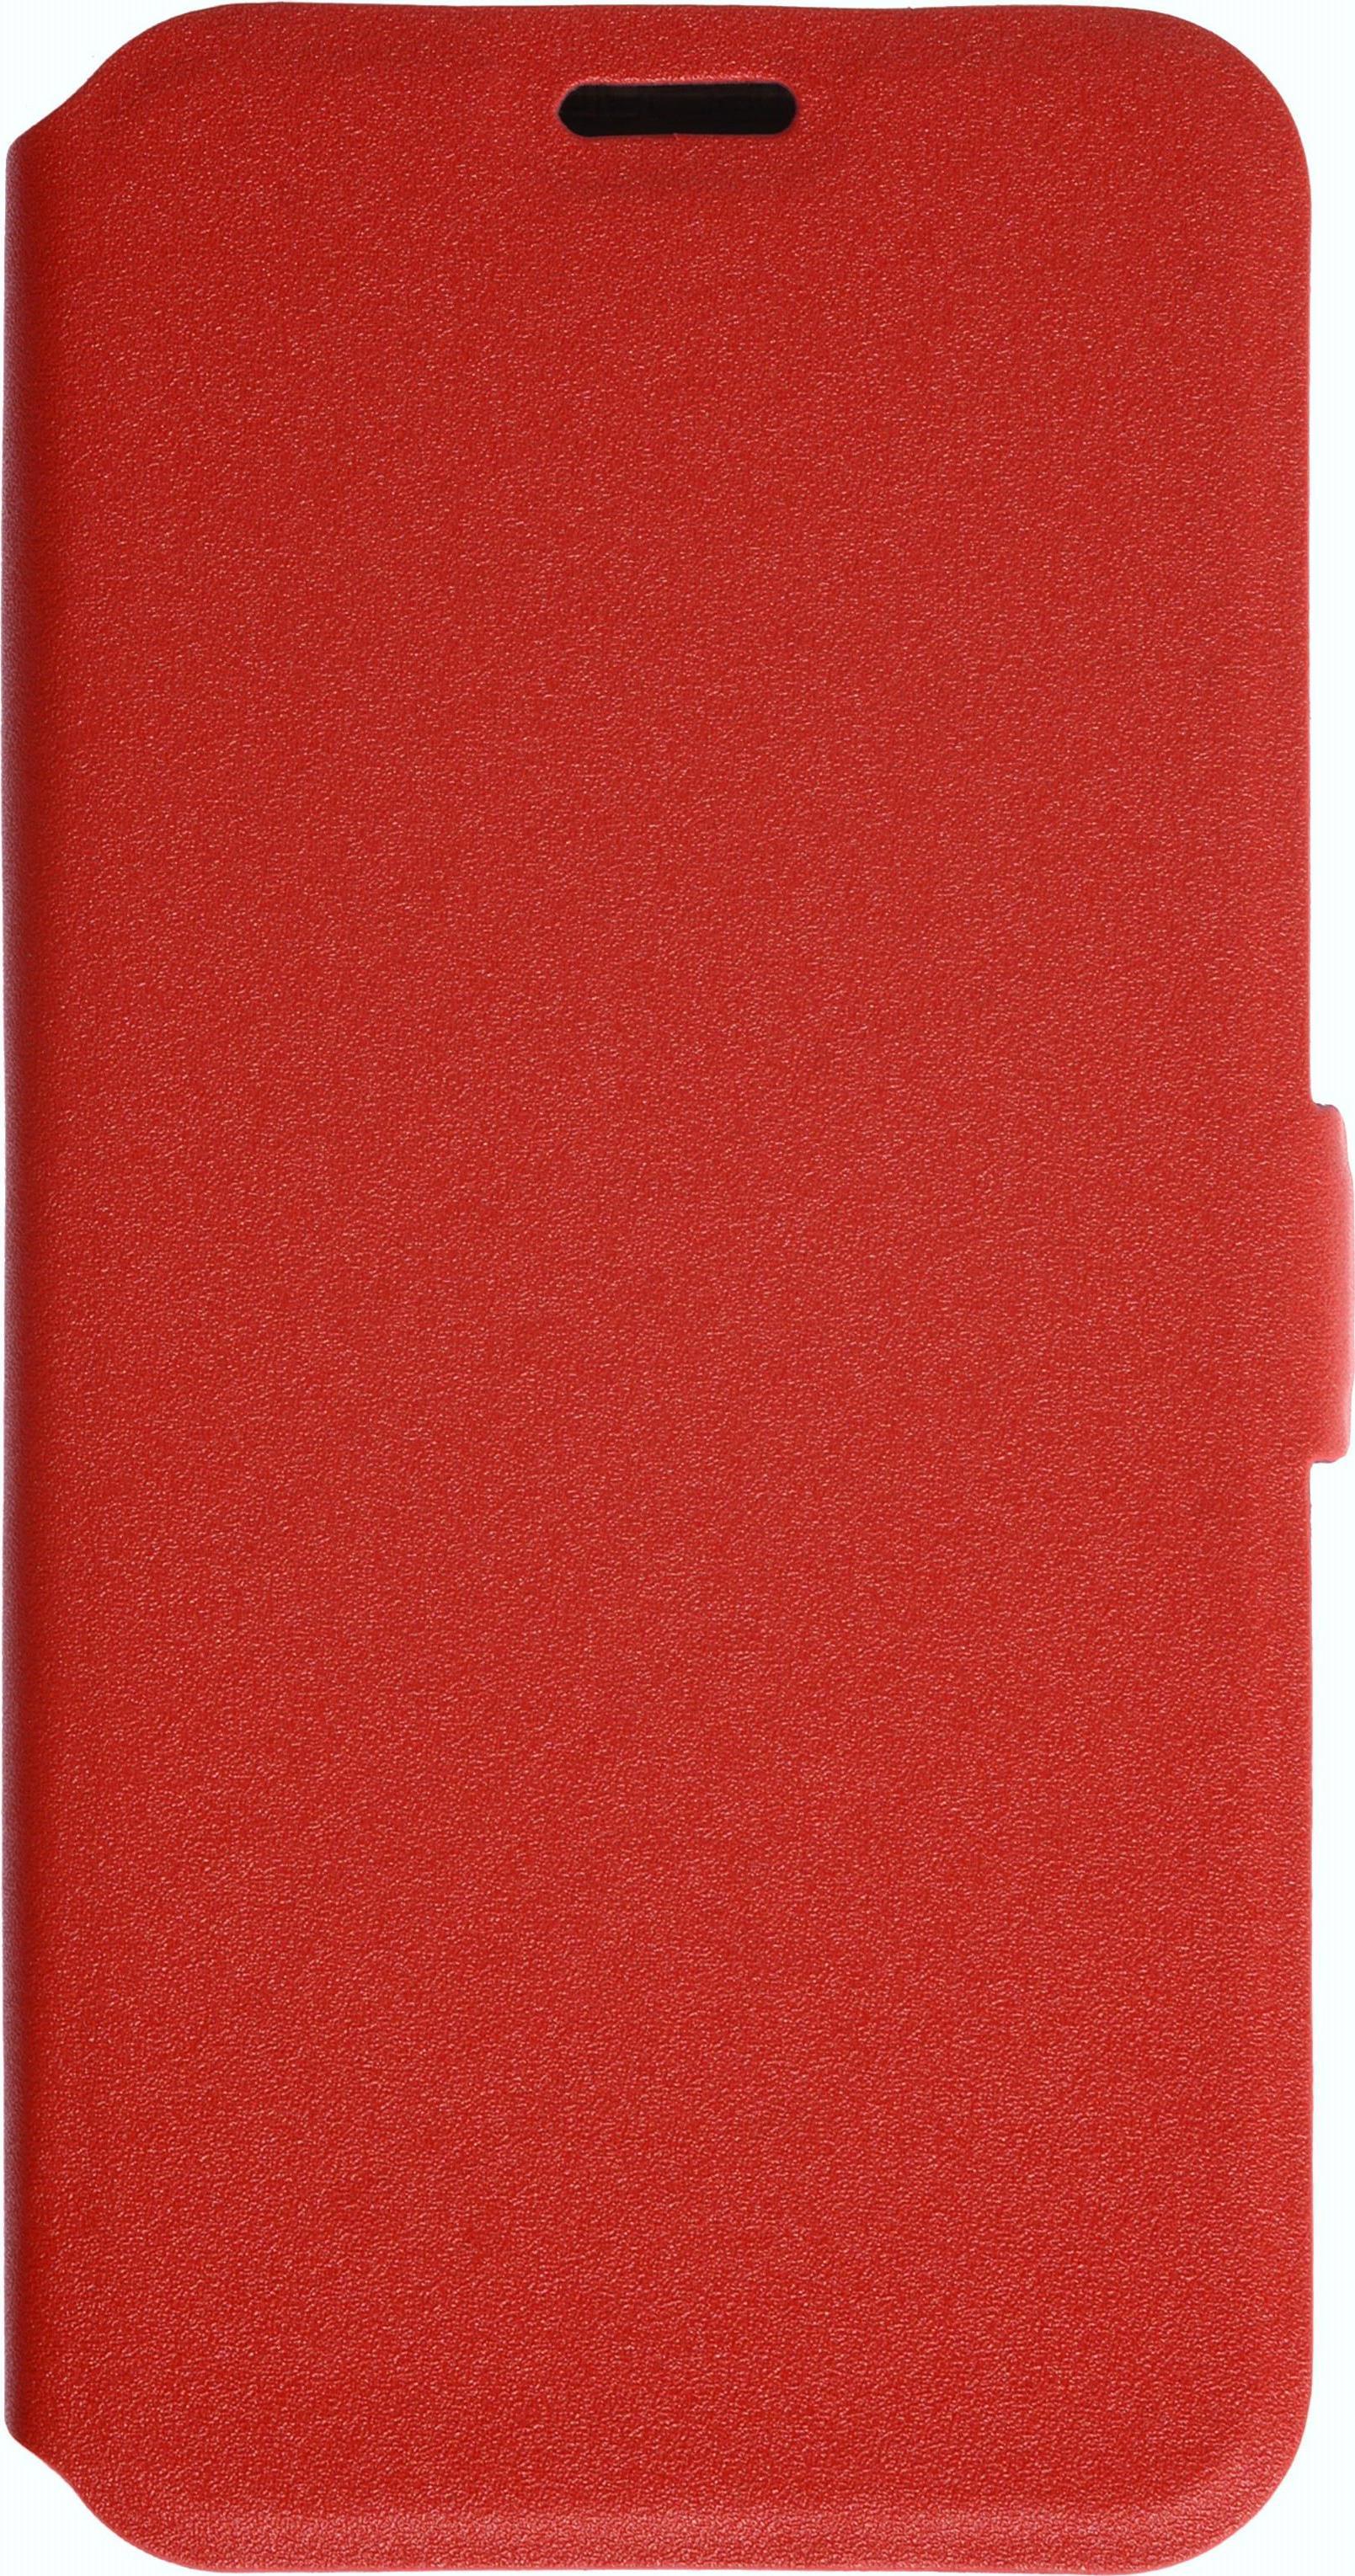 Чехол для сотового телефона PRIME Book, 4660041409215, красный чехол для сотового телефона prime book 4630042523708 красный